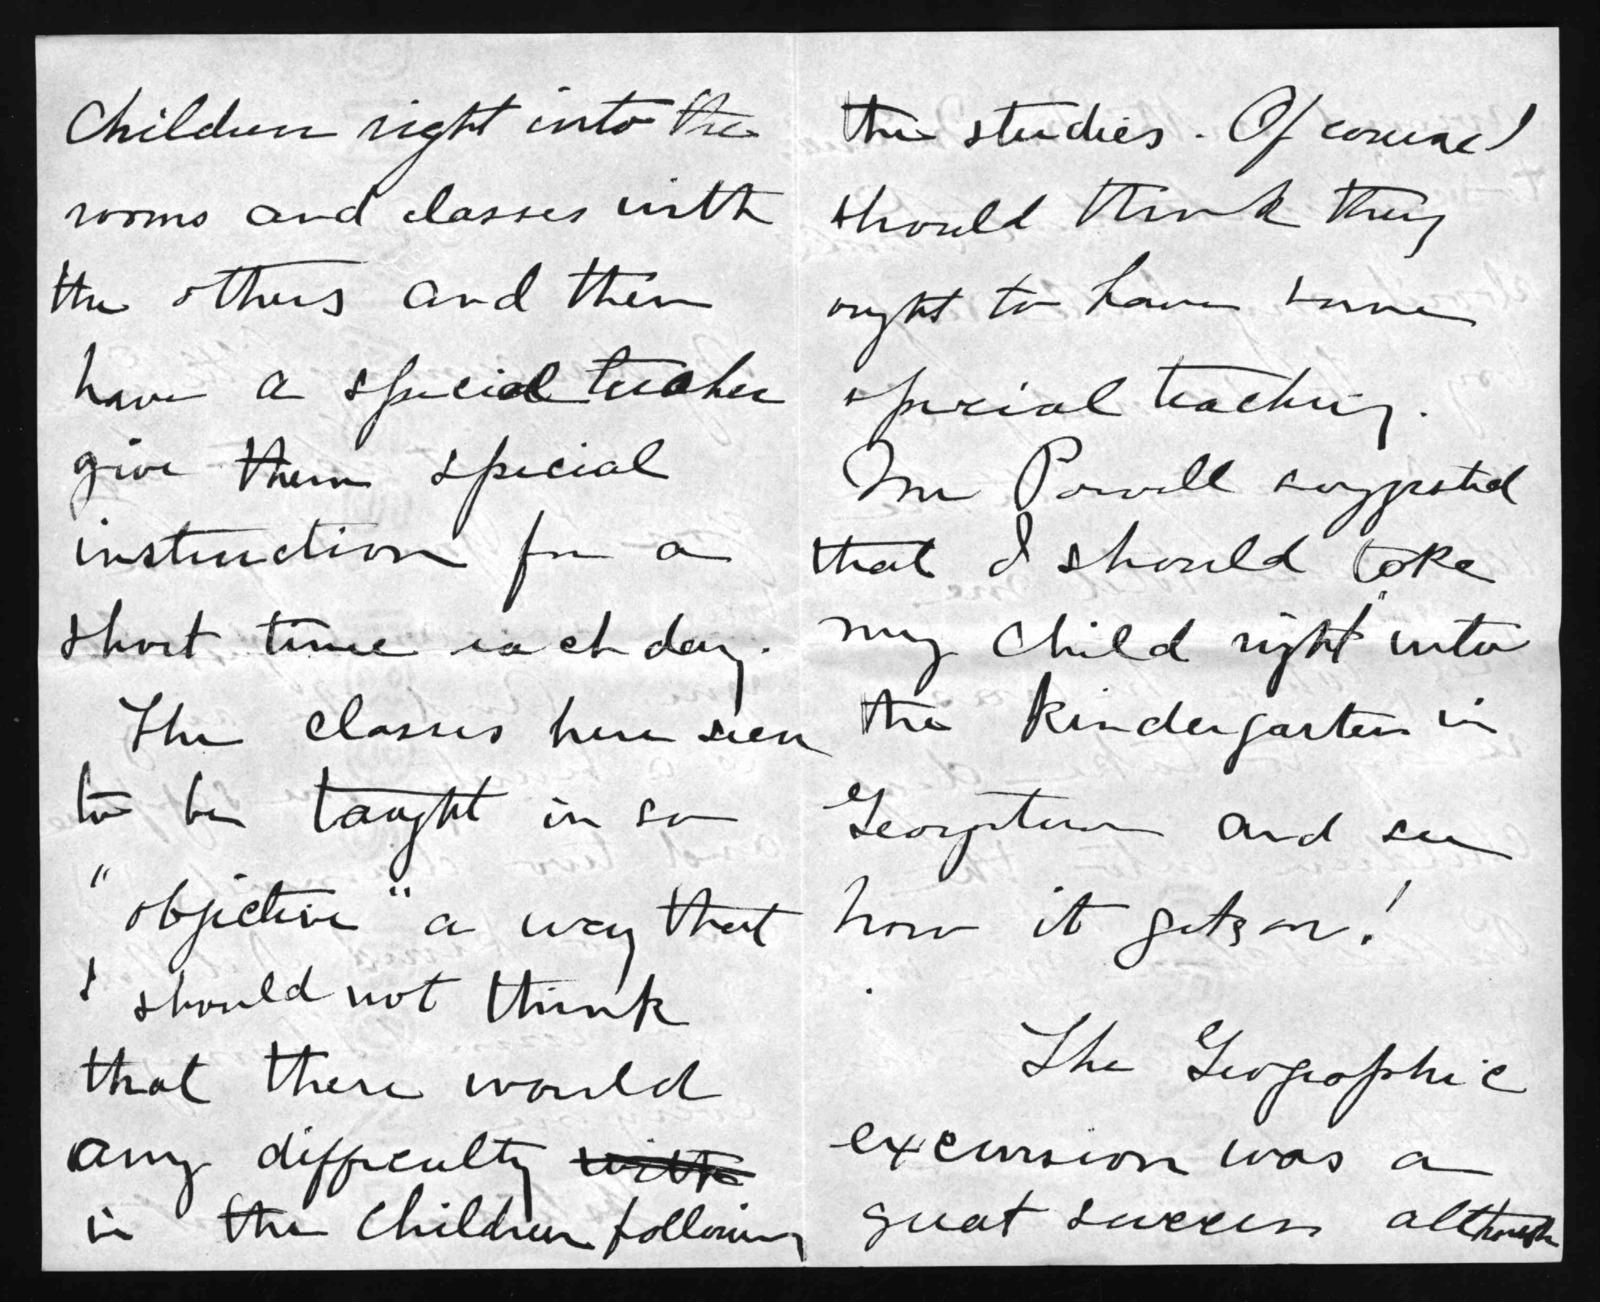 Letter from Elsie Bell Grosvenor, May 11, 1899